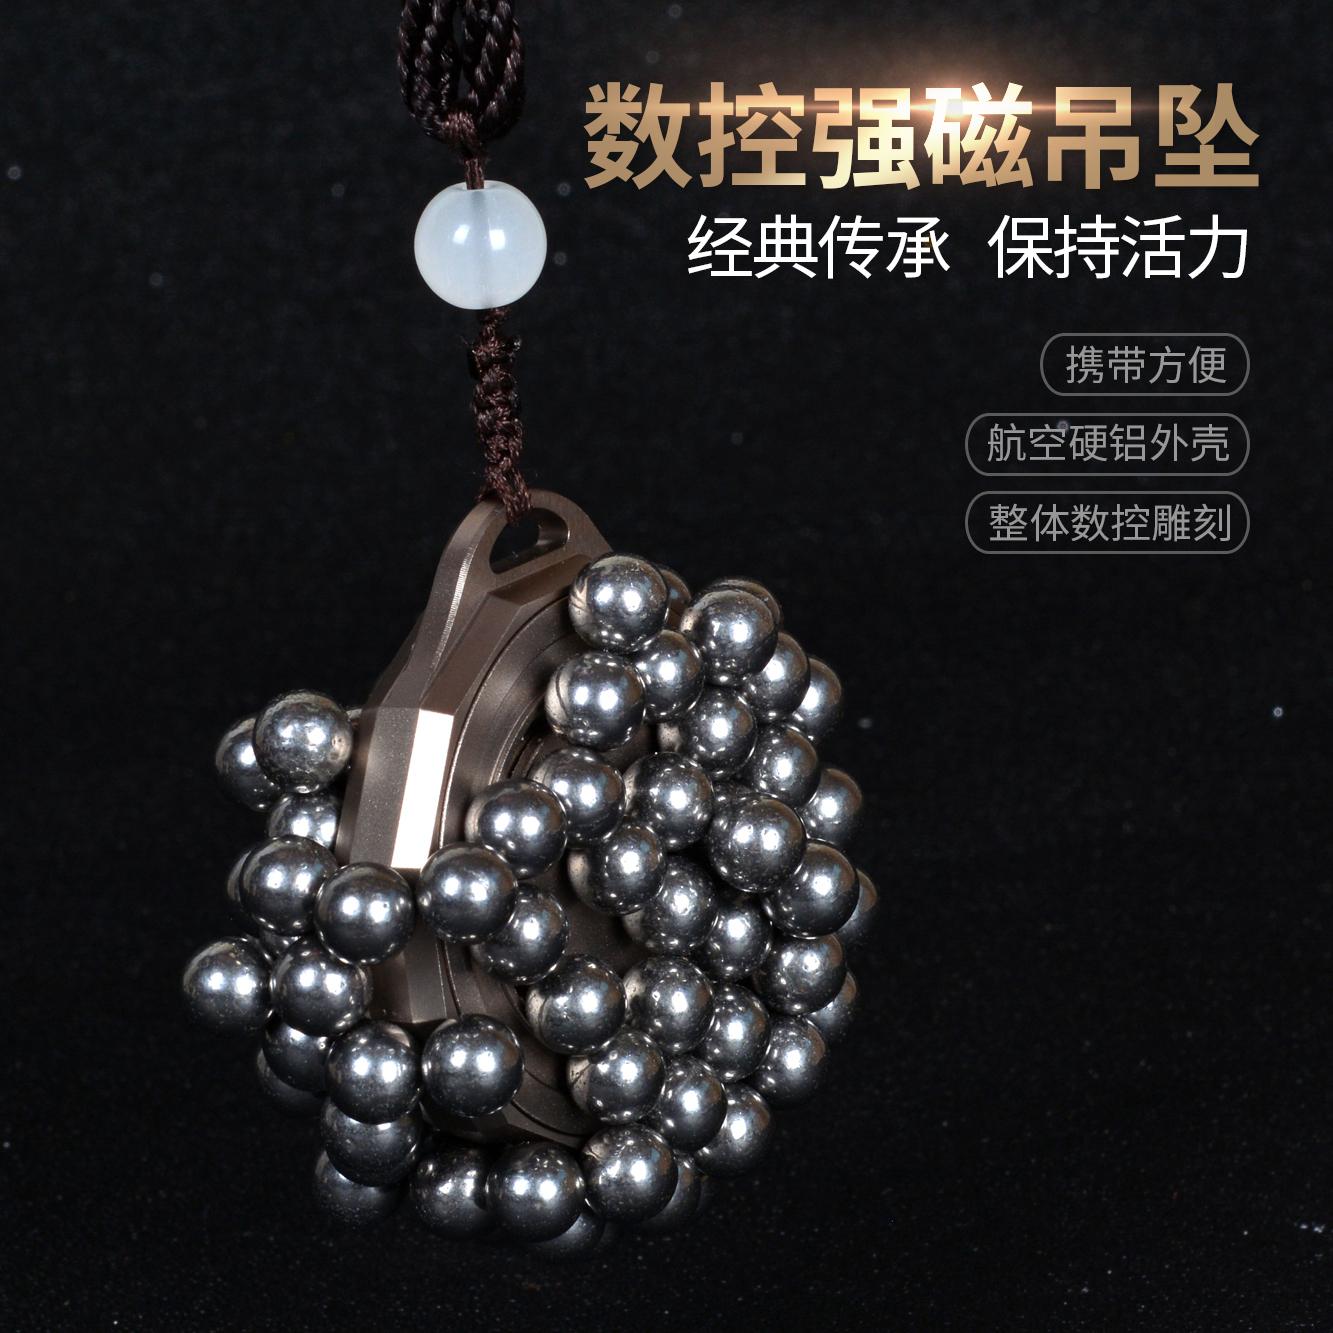 高端弹弓专用强磁吊坠吸钢珠方便户外竞技上钢珠方便实用整体